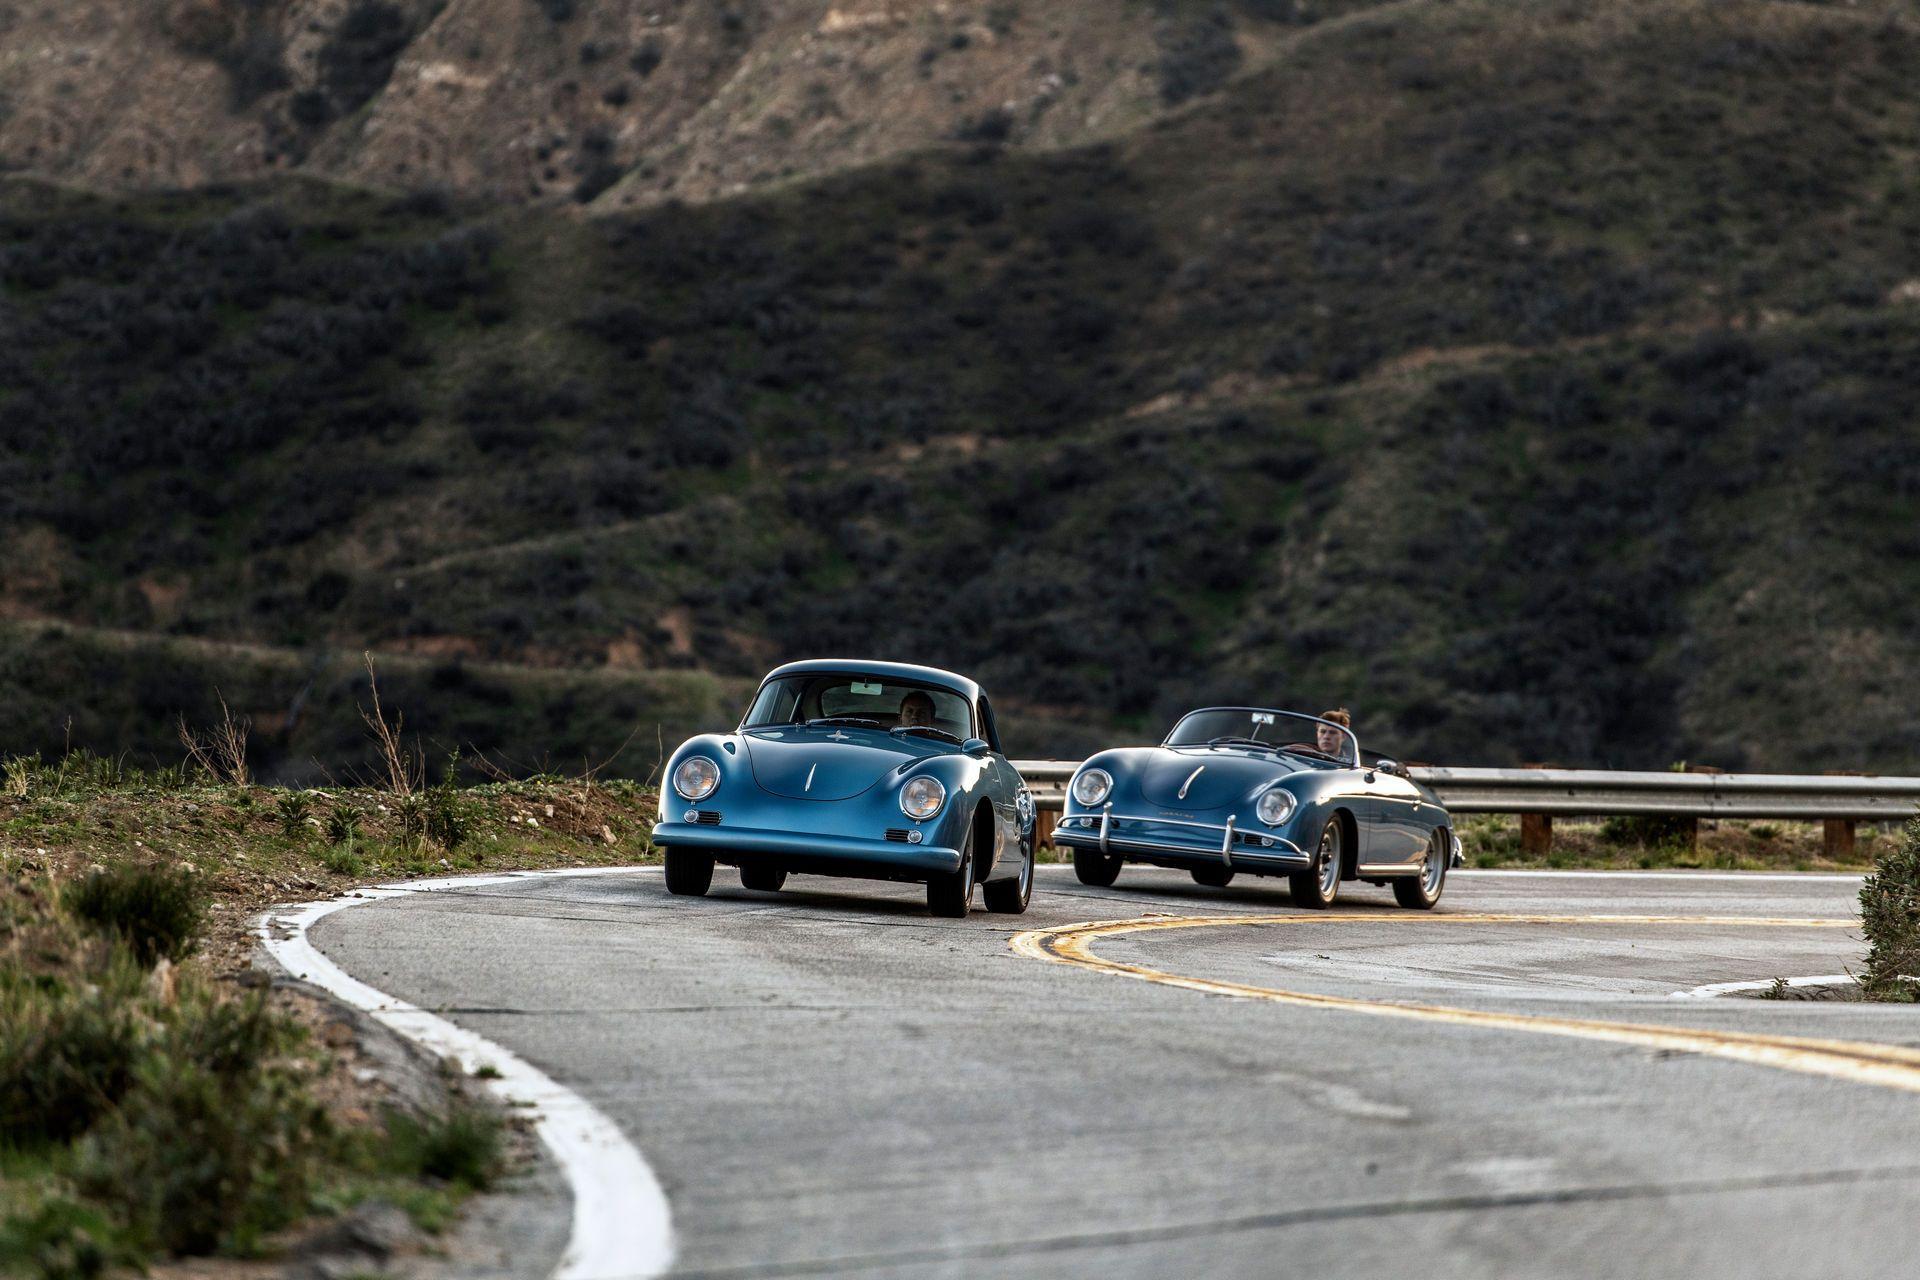 Porsche-356-A-Coupe-Restomod-Emory-Motorsports-14